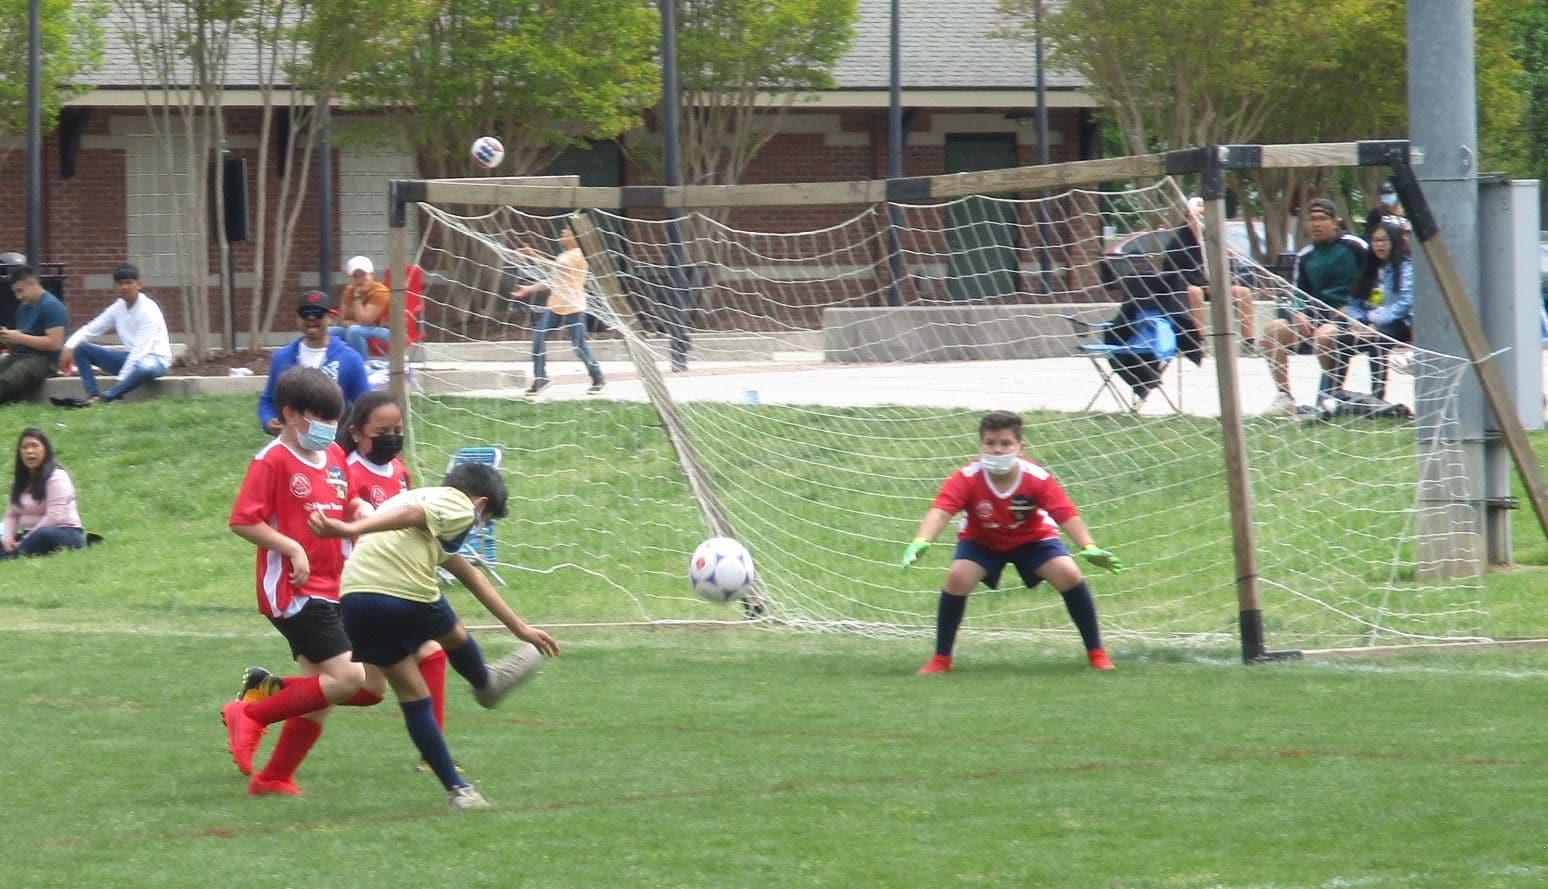 Striker takes a shot on goal.